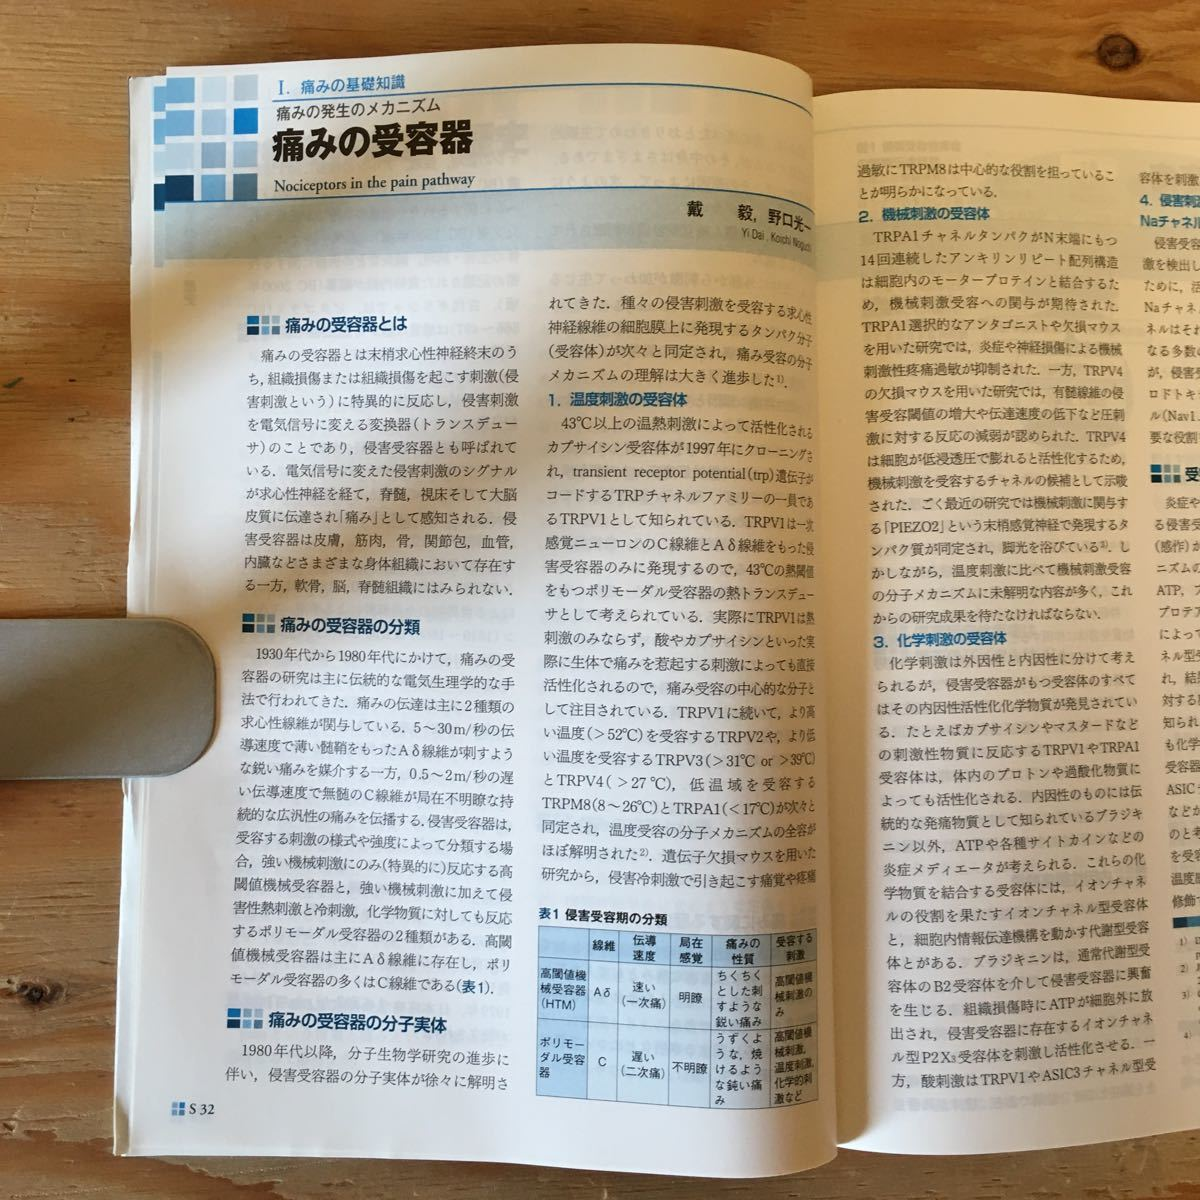 Y3FKD-200703 レア[痛みのマネジメント 基礎知識から緩和ケアまで 日本医師会雑誌 第143巻 特別号(1) 生涯教育シリーズ86]カプサイシン_画像5